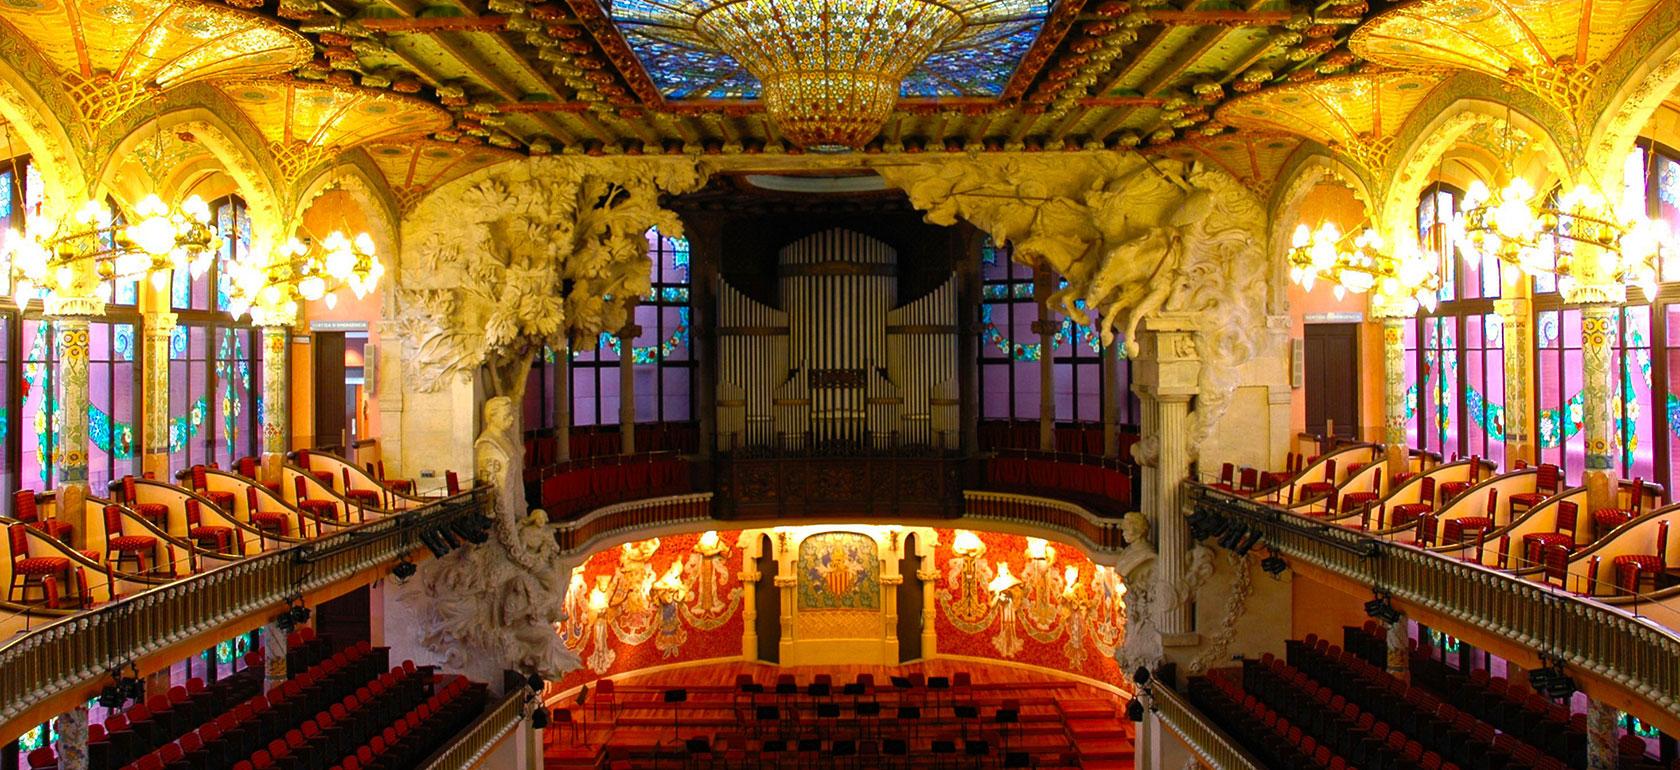 palau de la m sica catalana On palau de la musica catalana